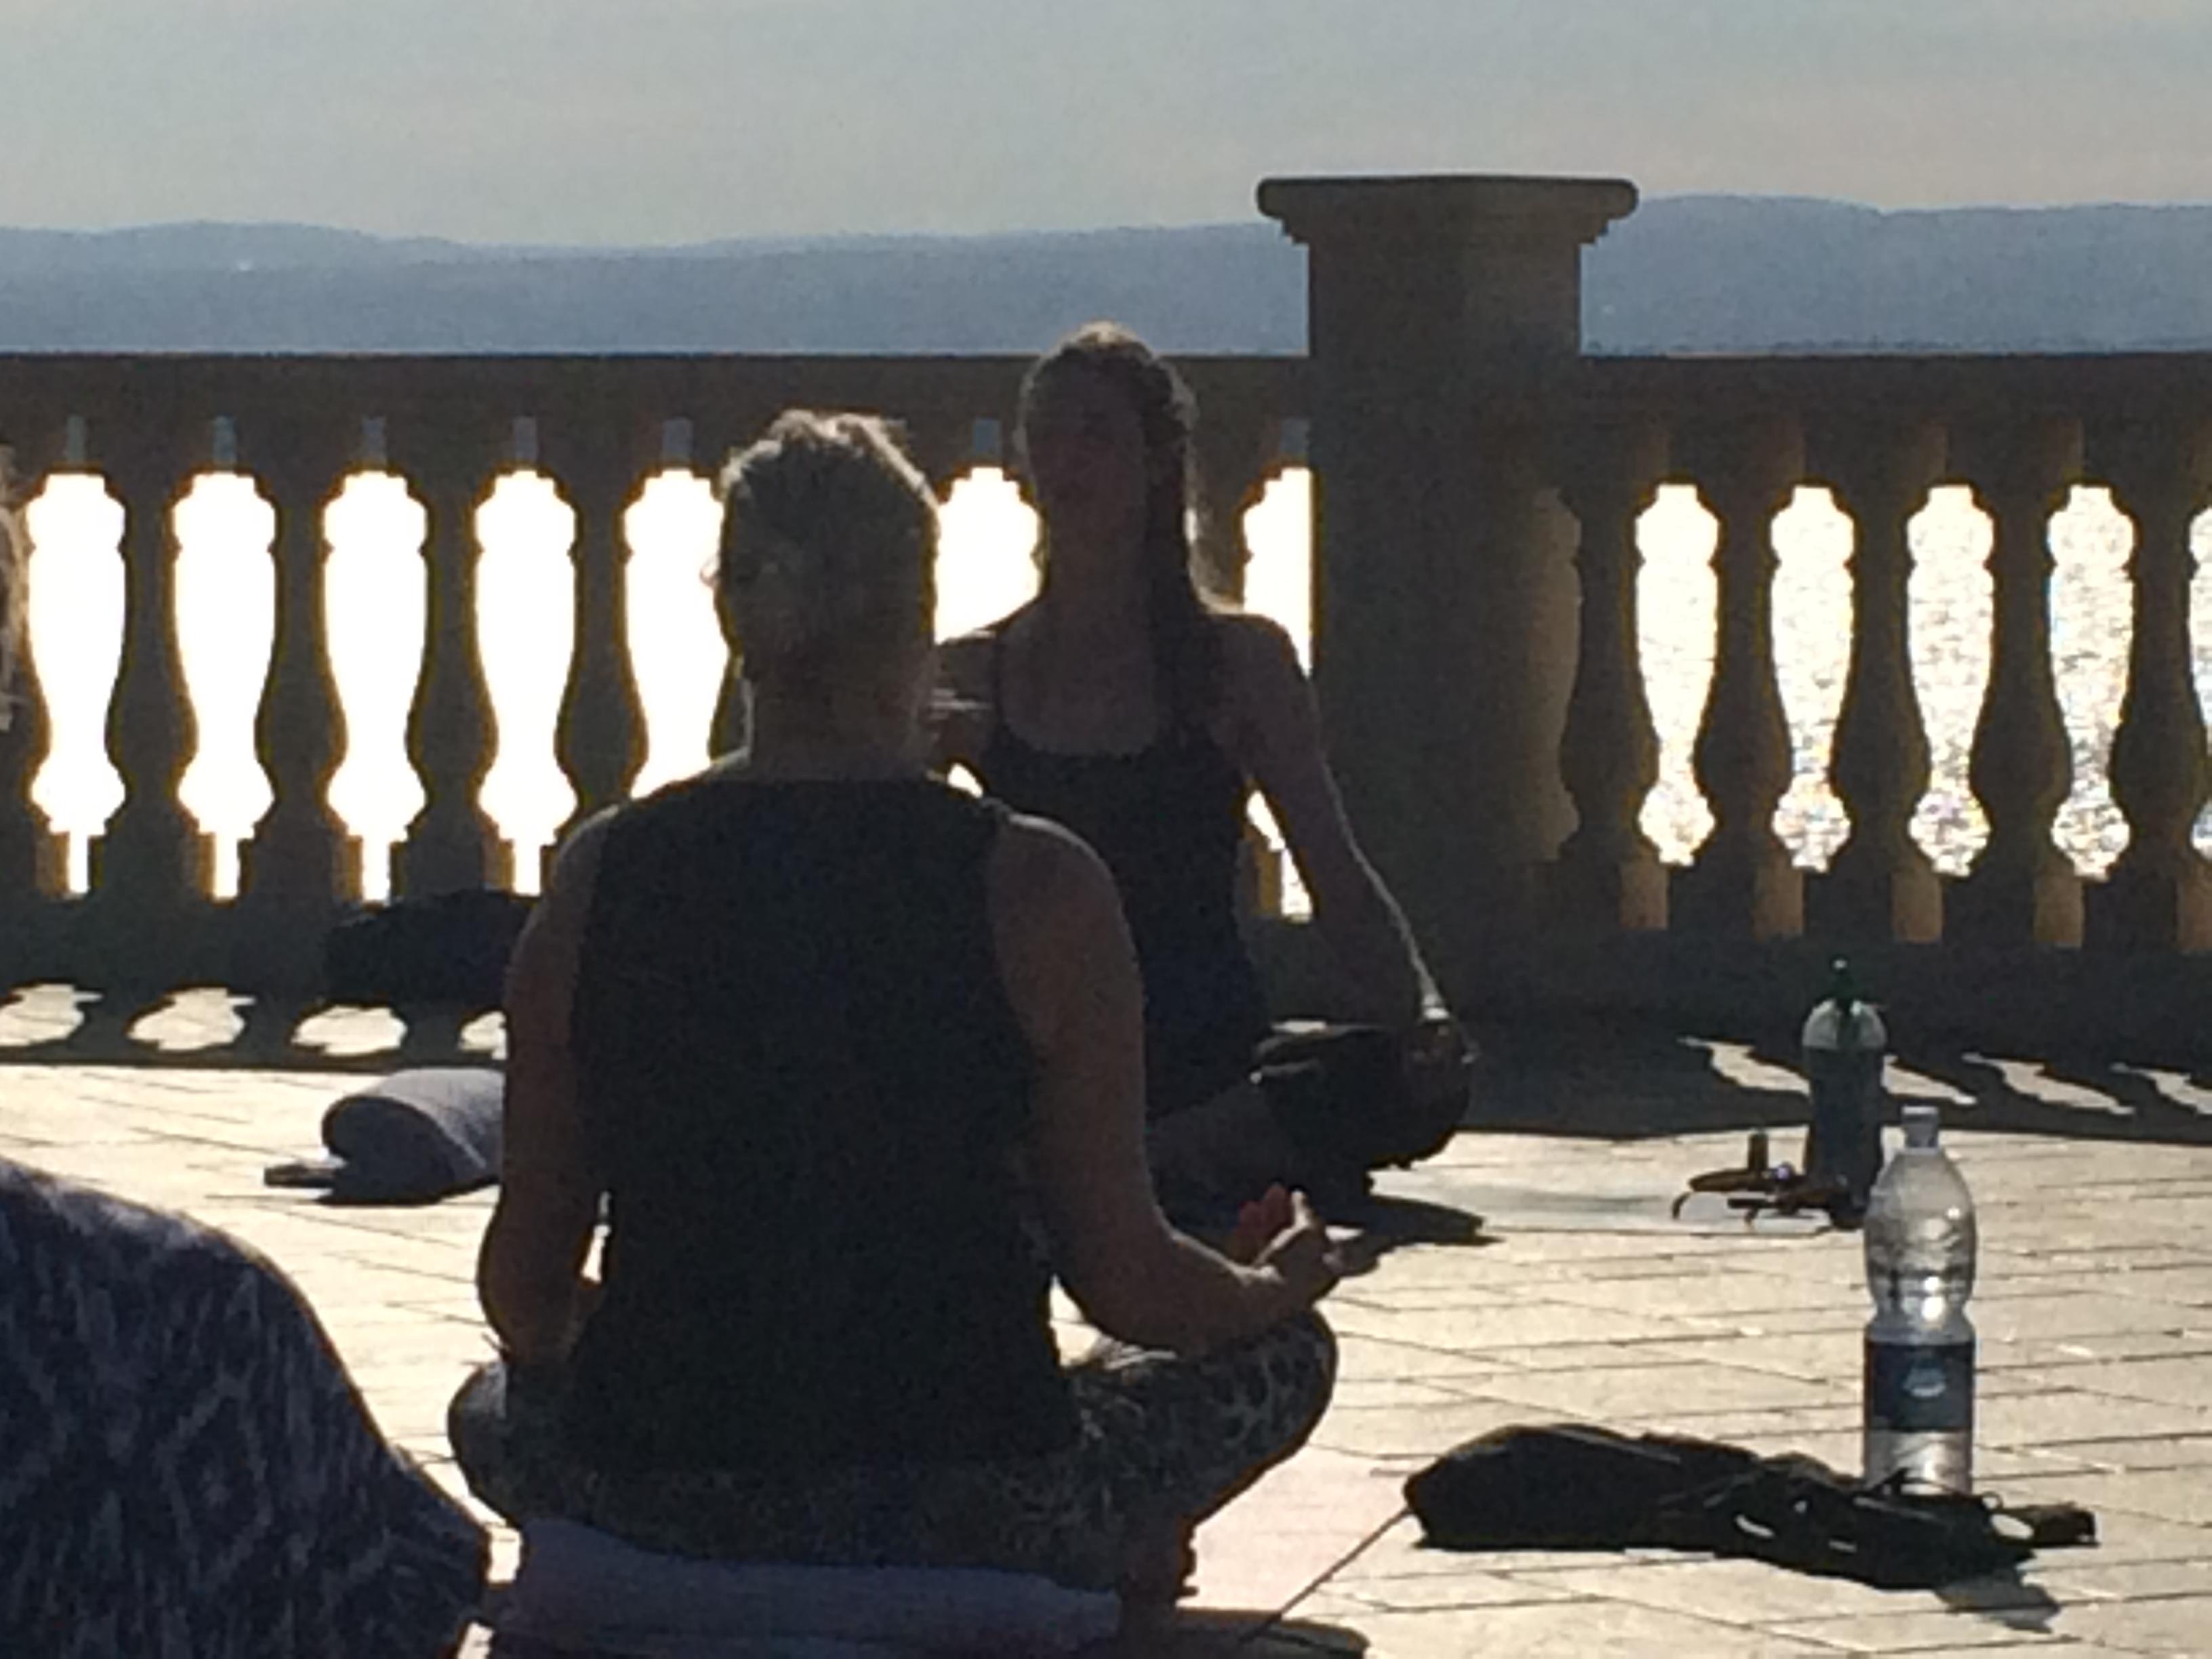 Yoga tuition on the beach